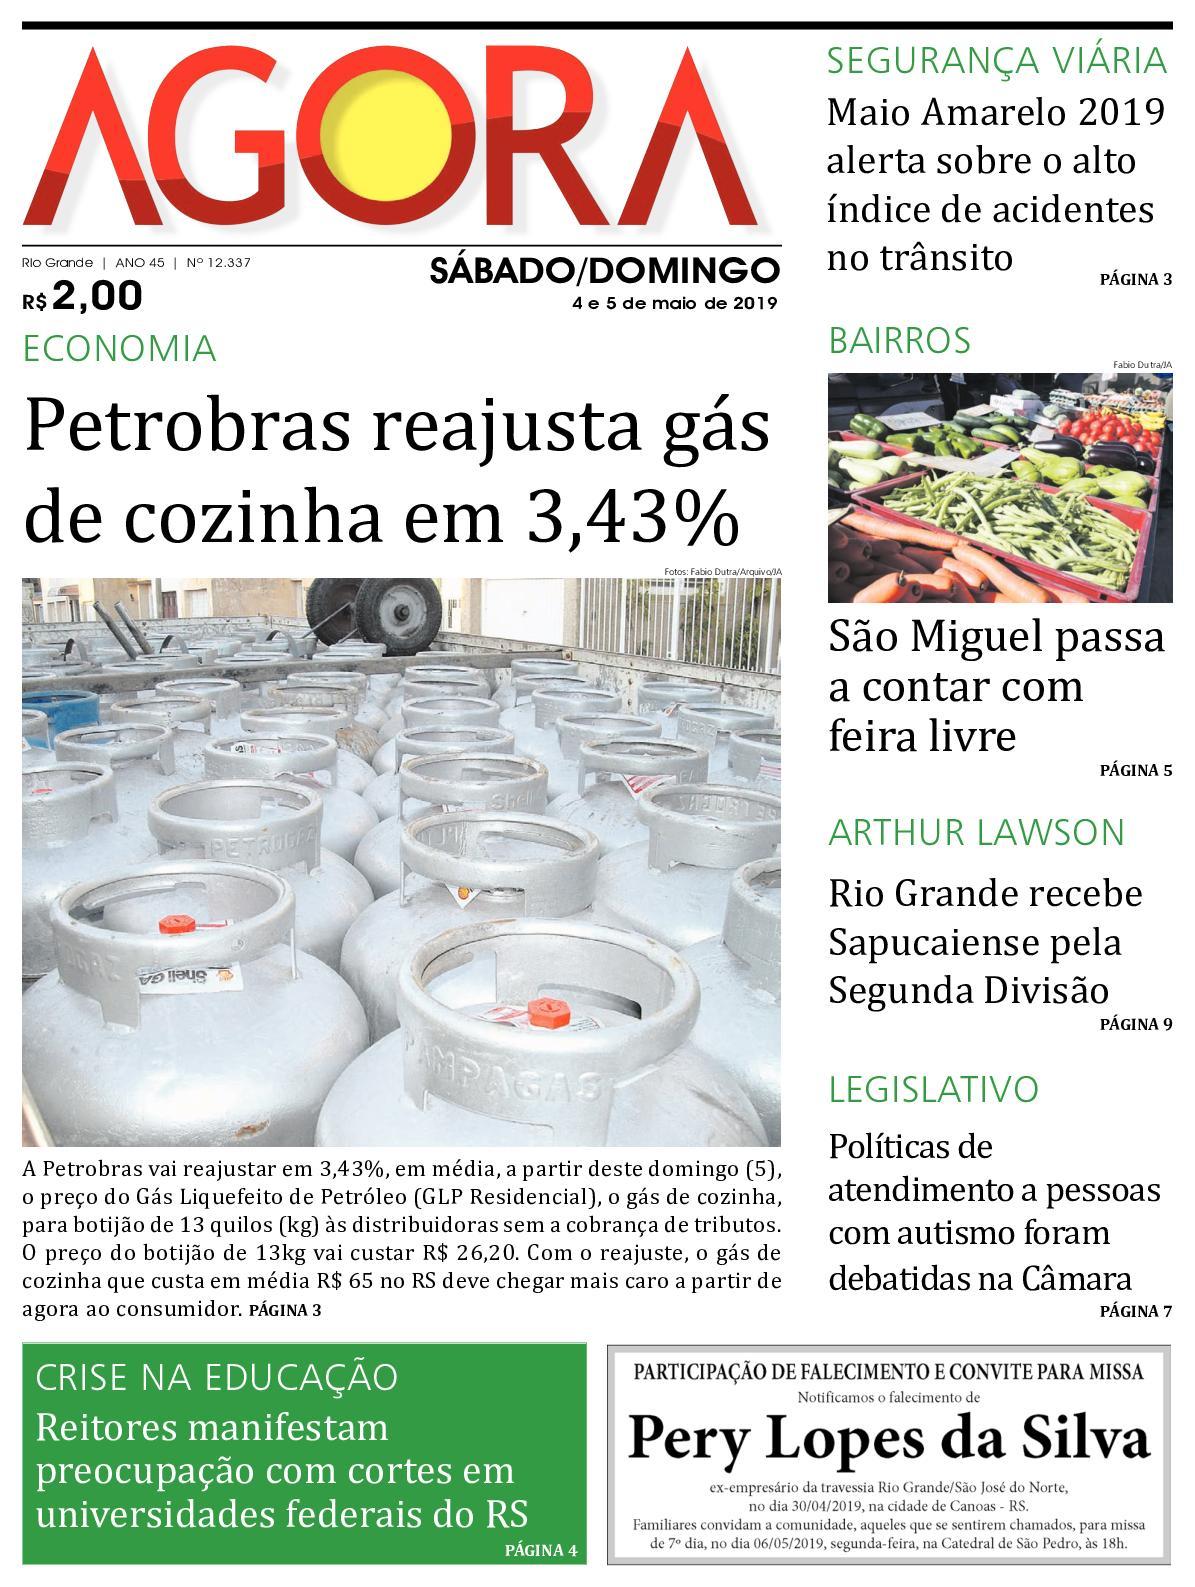 Jornal Agora - Edição 12337 - 4 e 5 de Maio de 2019